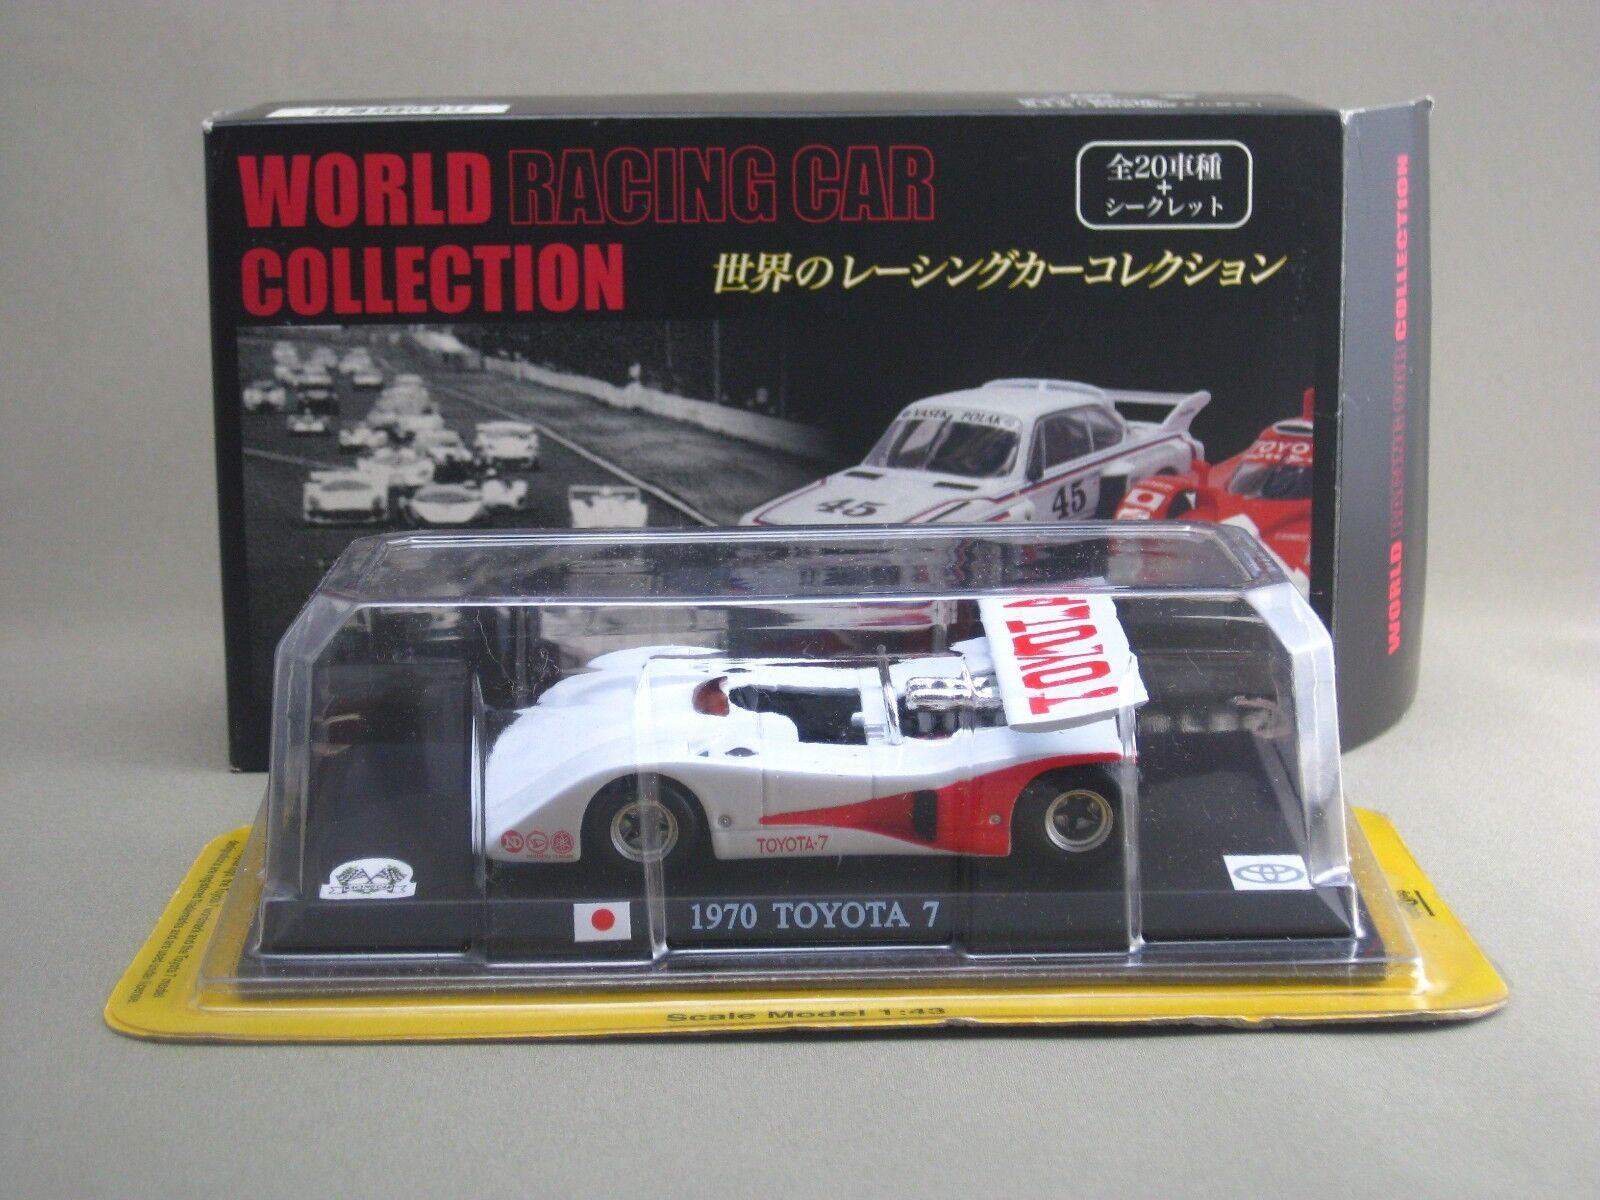 Toyota 7 1970 1 43 Die Cast Modelo World Racing Car Colección DELPRADO